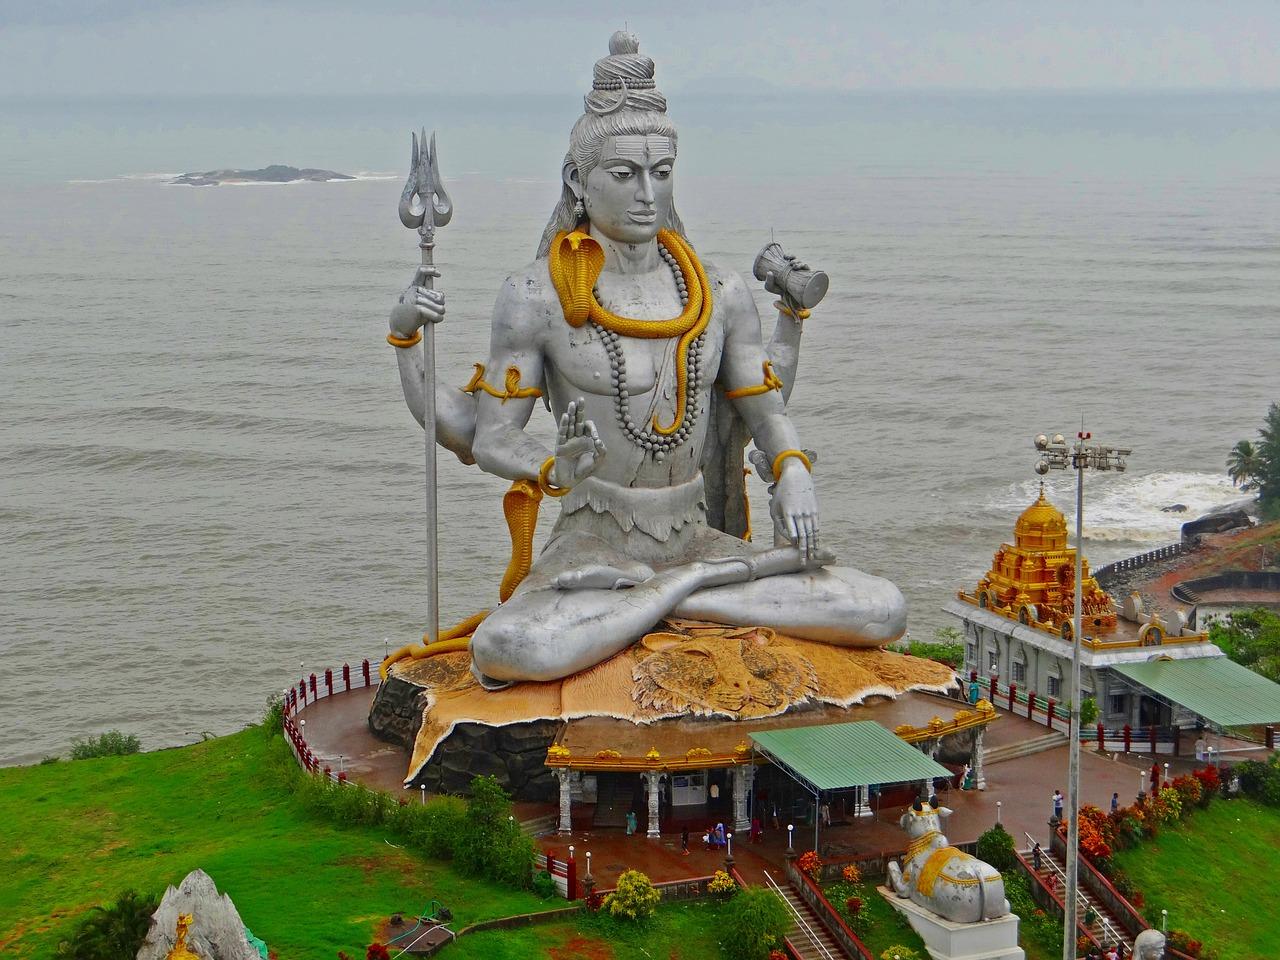 Murudeshwar - The Land Of Lord Shiva in Bhatkal, Karnataka